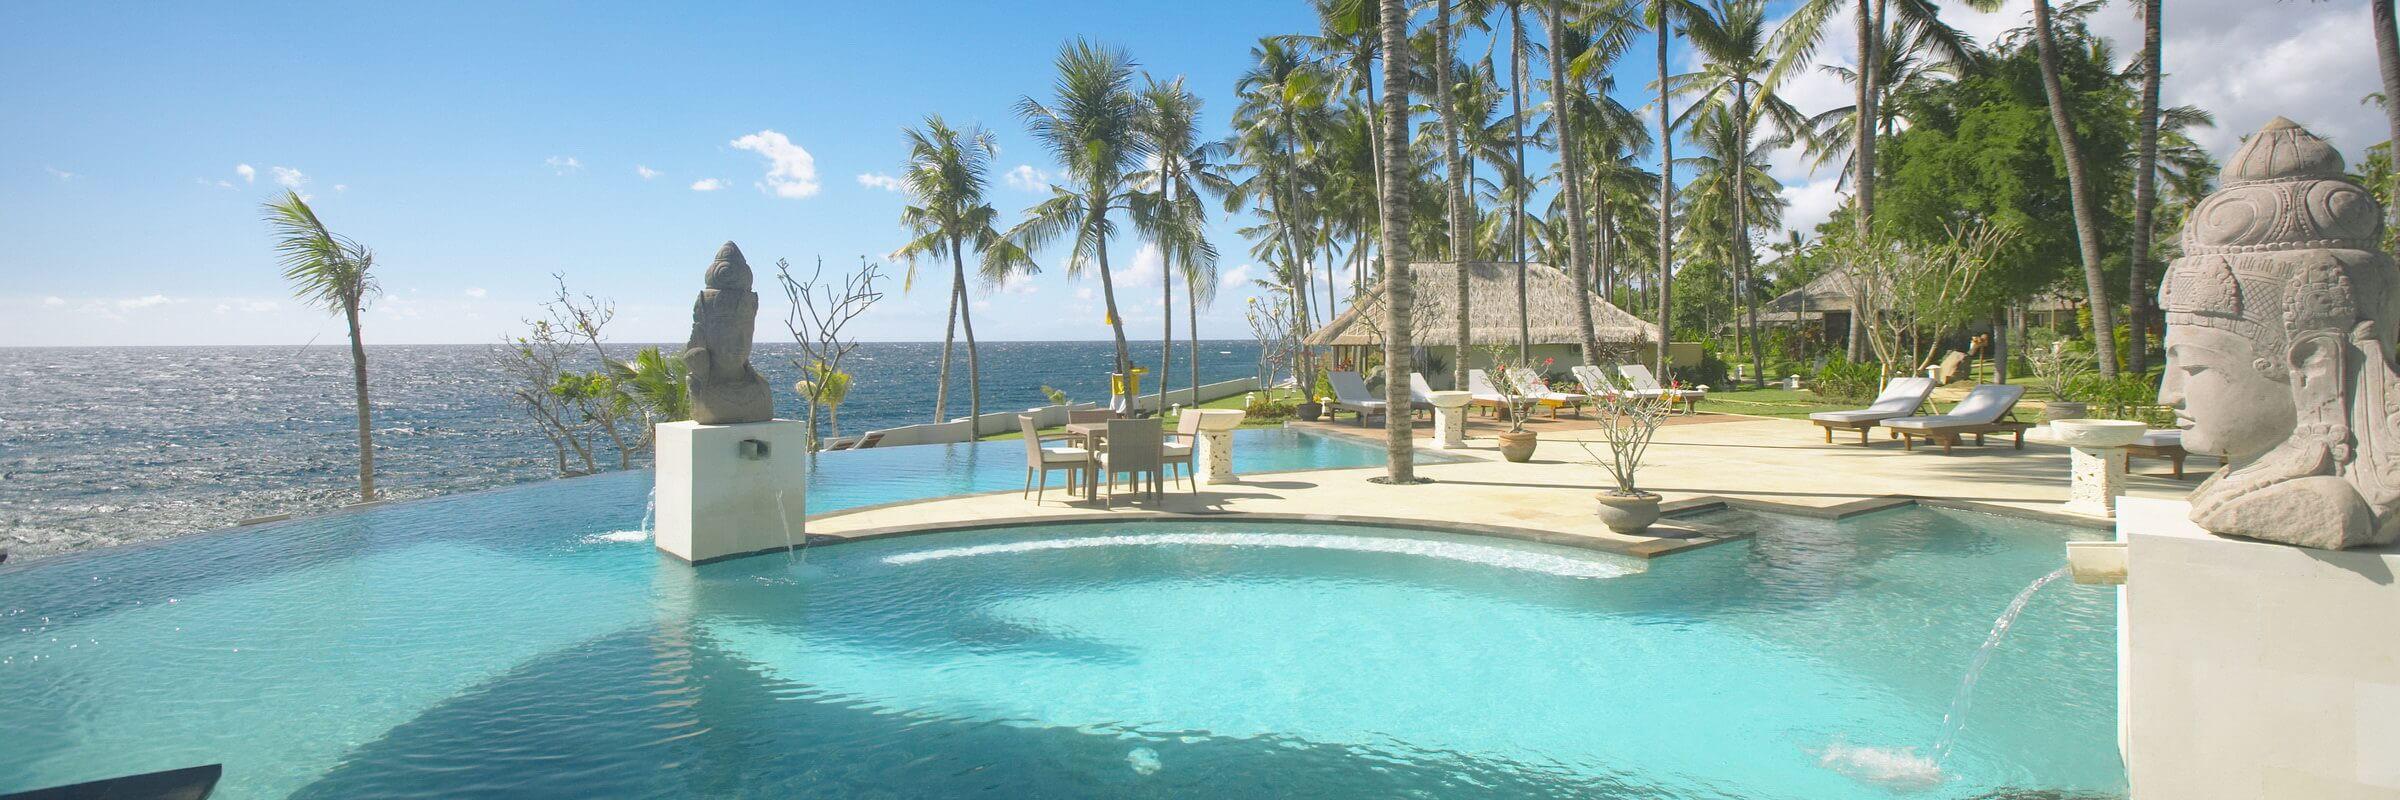 Das Siddhartha Ocean Front Resort & Spa in der kleinen Ortschaft Kubu ist direkt am Meer gelegen und bietet den Luxus eines 5-Sterne-Resorts mit spektakulärer Lage.